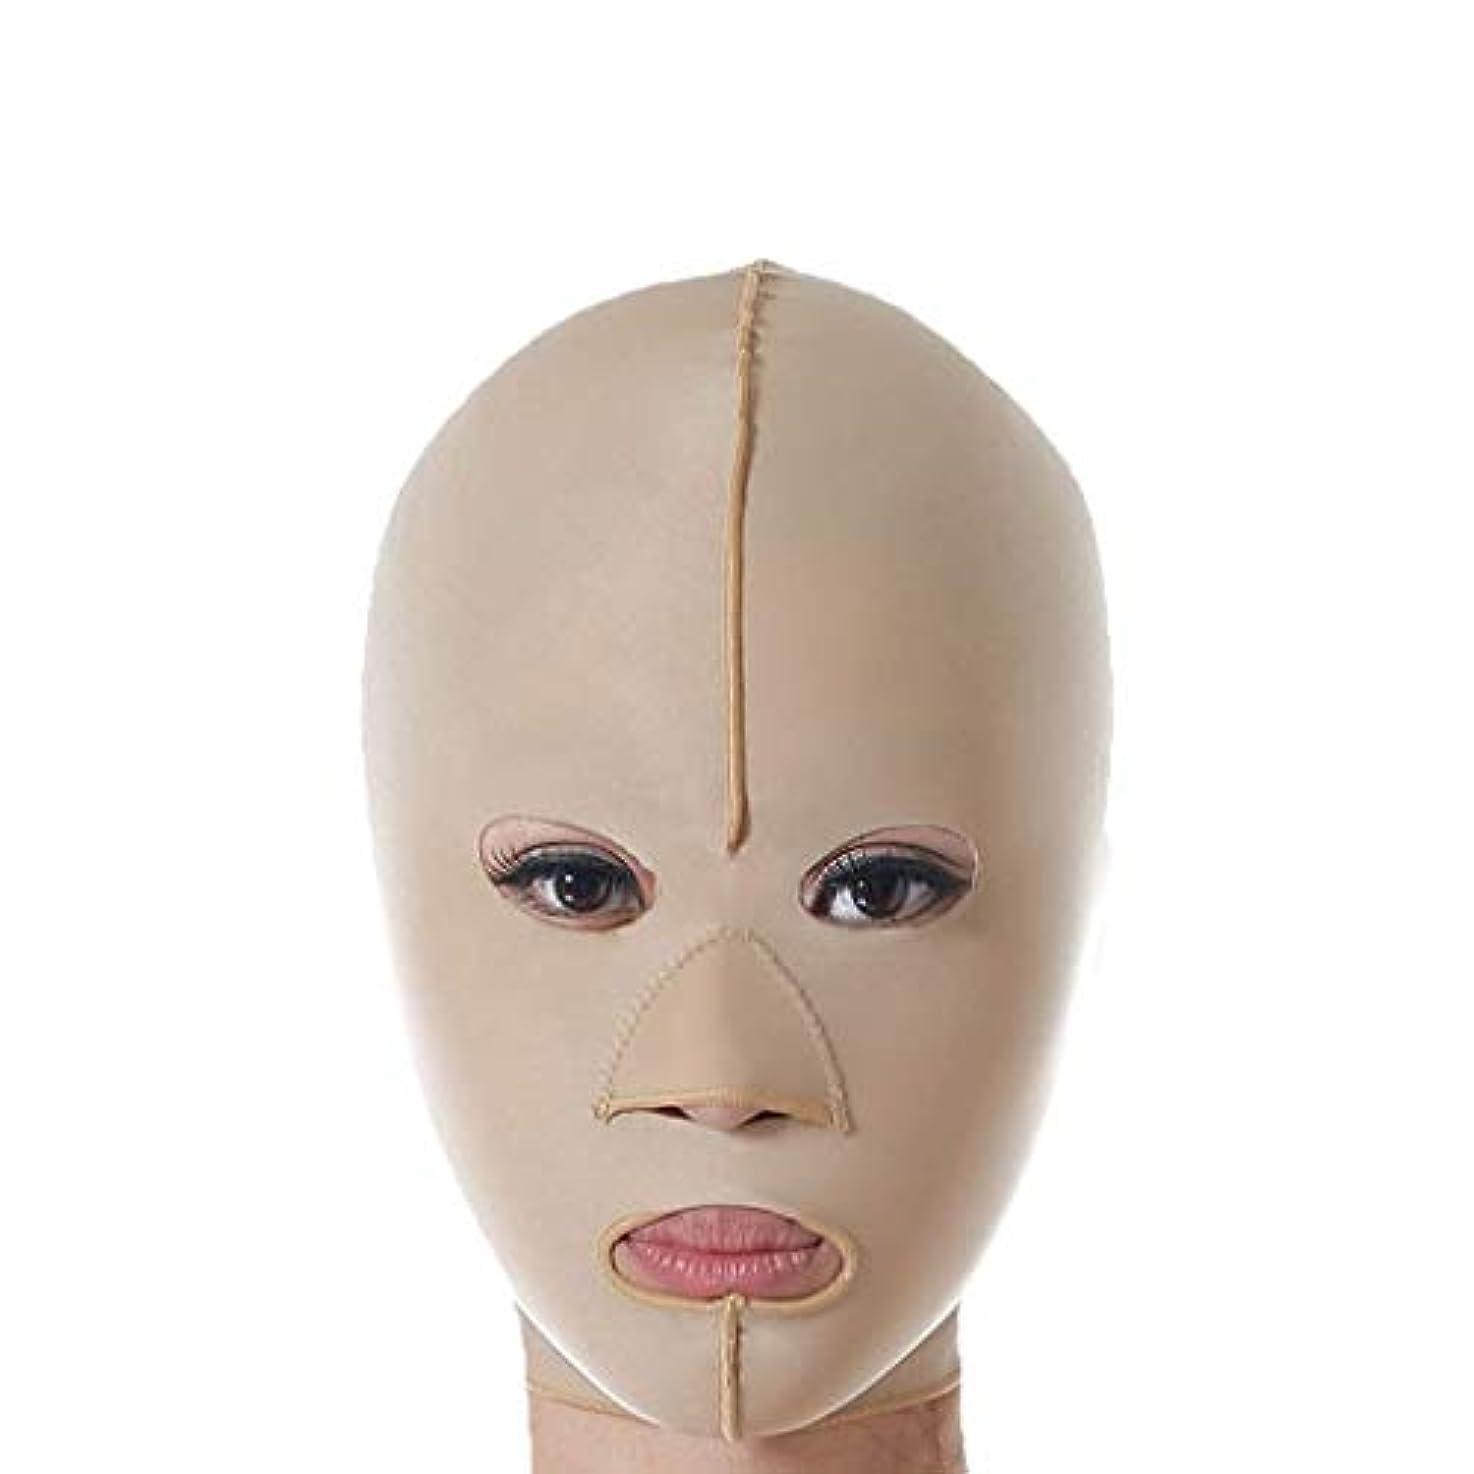 服二度地球減量フェイスマスク、リフティング包帯、スリムフェイスリフトリフティングベルト、フェイシャル減量リフティング包帯、リフティングファーミング包帯(サイズ:XL),ザ・